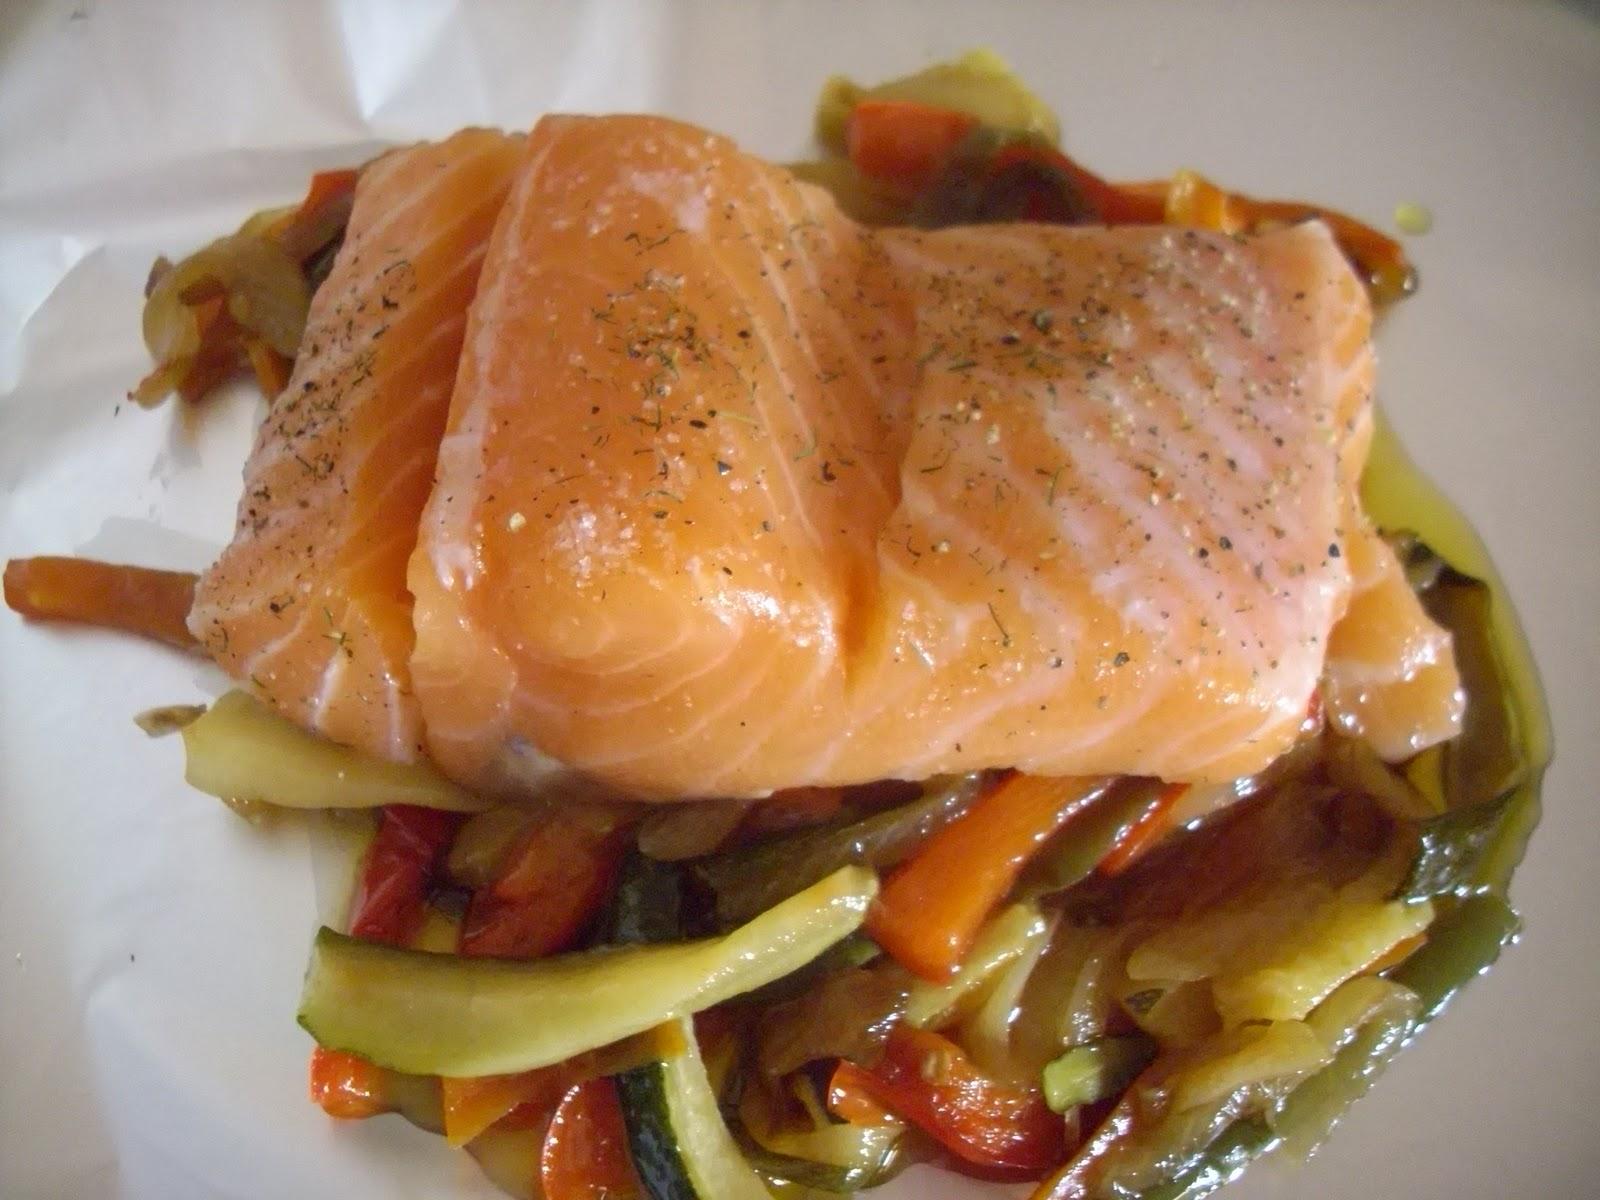 Consejos y trucos de cocina salm n en papillot - Formas de cocinar salmon ...